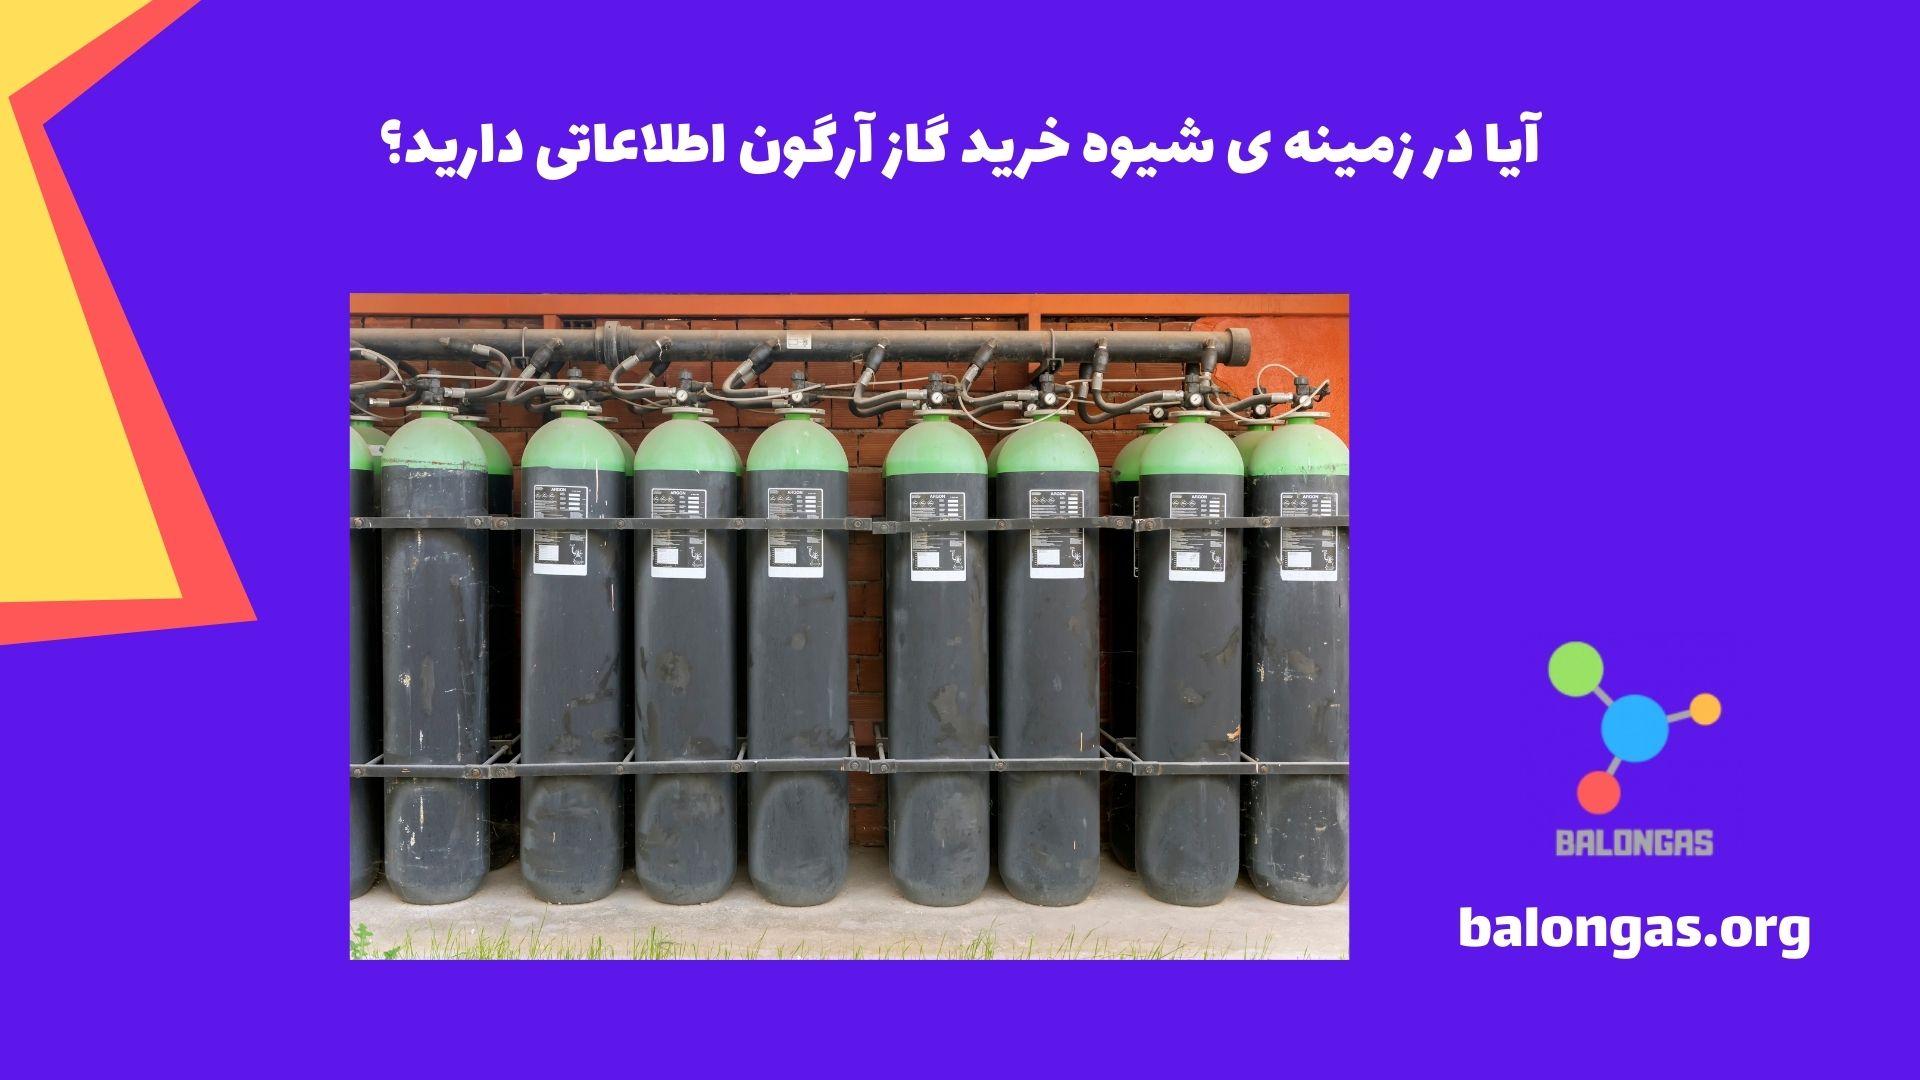 آیا در زمینه ی شیوه خرید گاز آرگون اطلاعاتی دارید؟